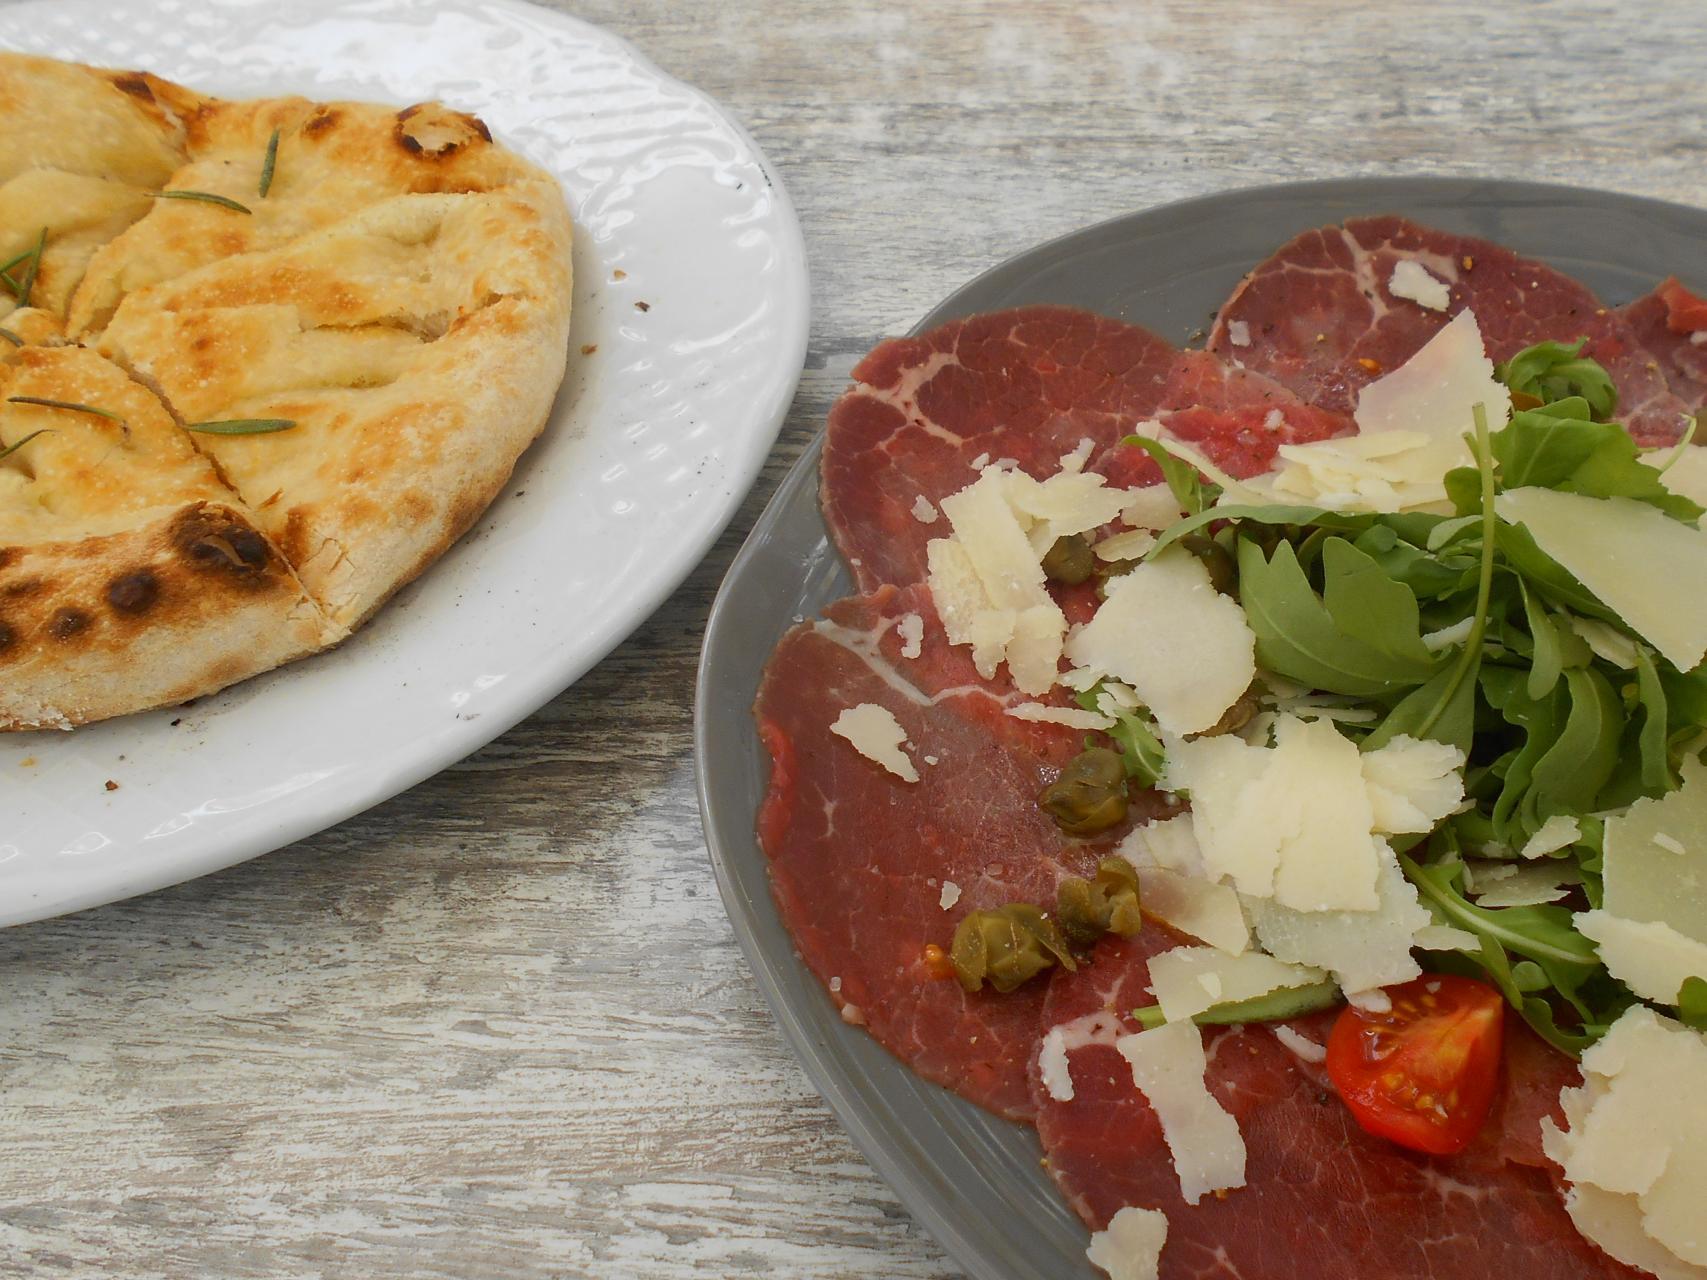 The carpaccio with the rosemary foccaccia.